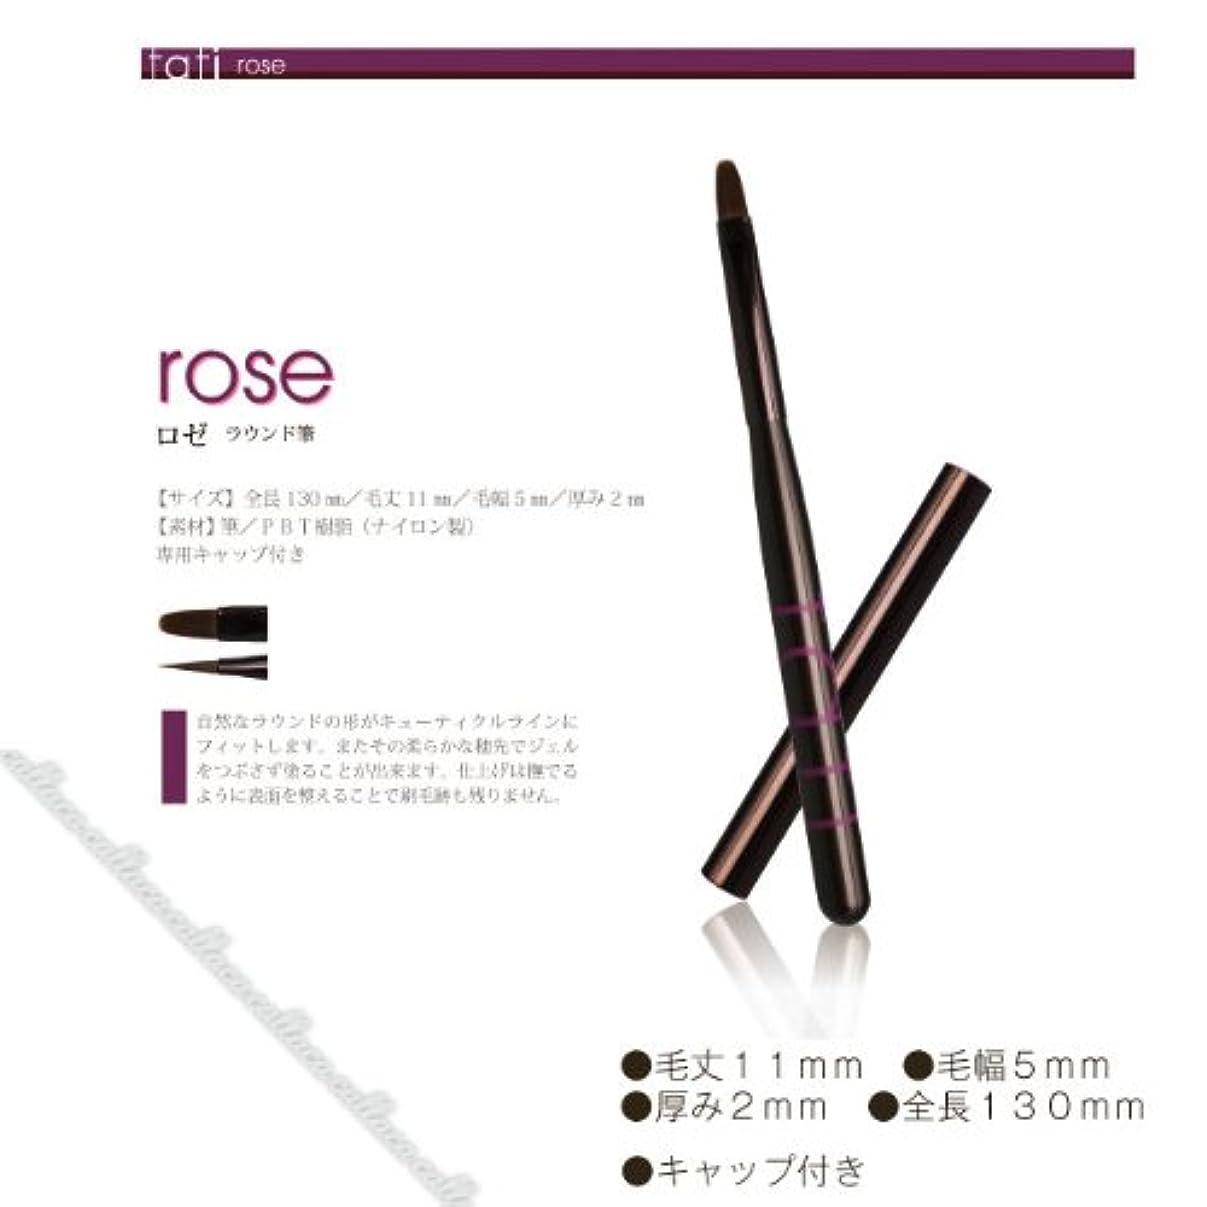 エクステントどれパノラマtati ジェル ブラシアートショコラ rose (ロゼ)